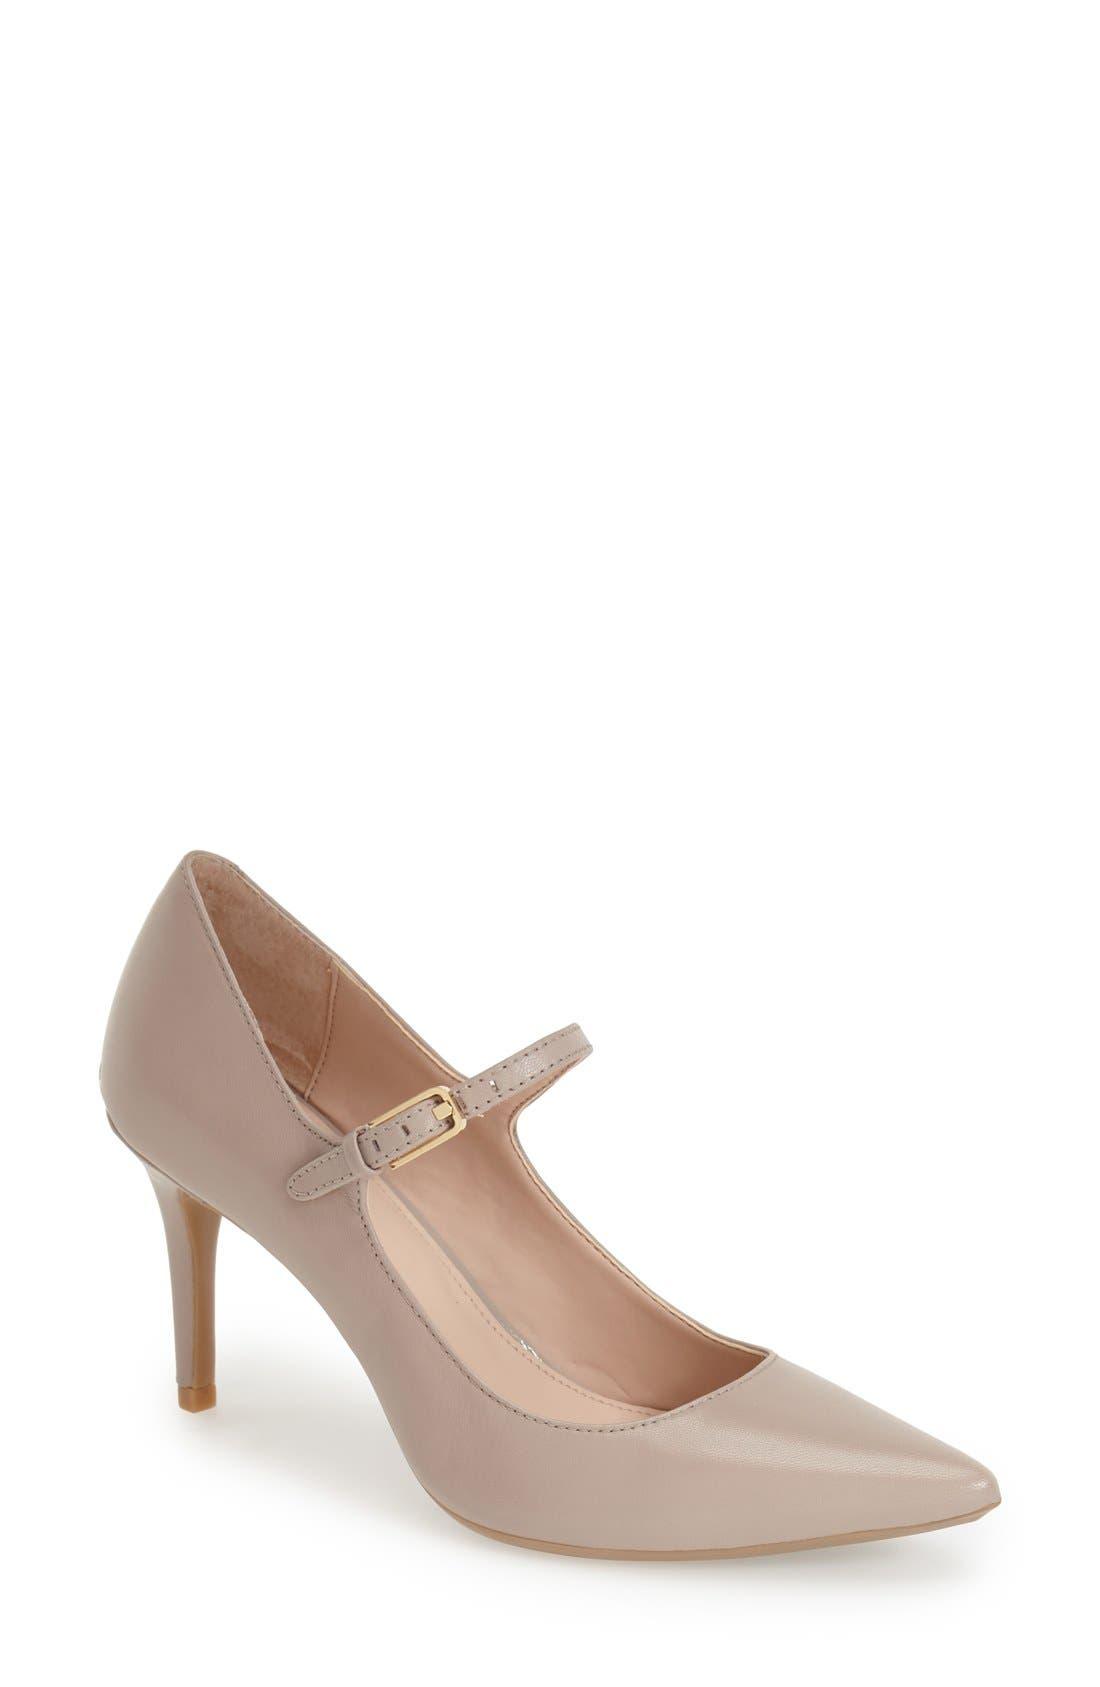 Alternate Image 1 Selected - Calvin Klein 'Genavee' Pointy Toe Pump (Women)